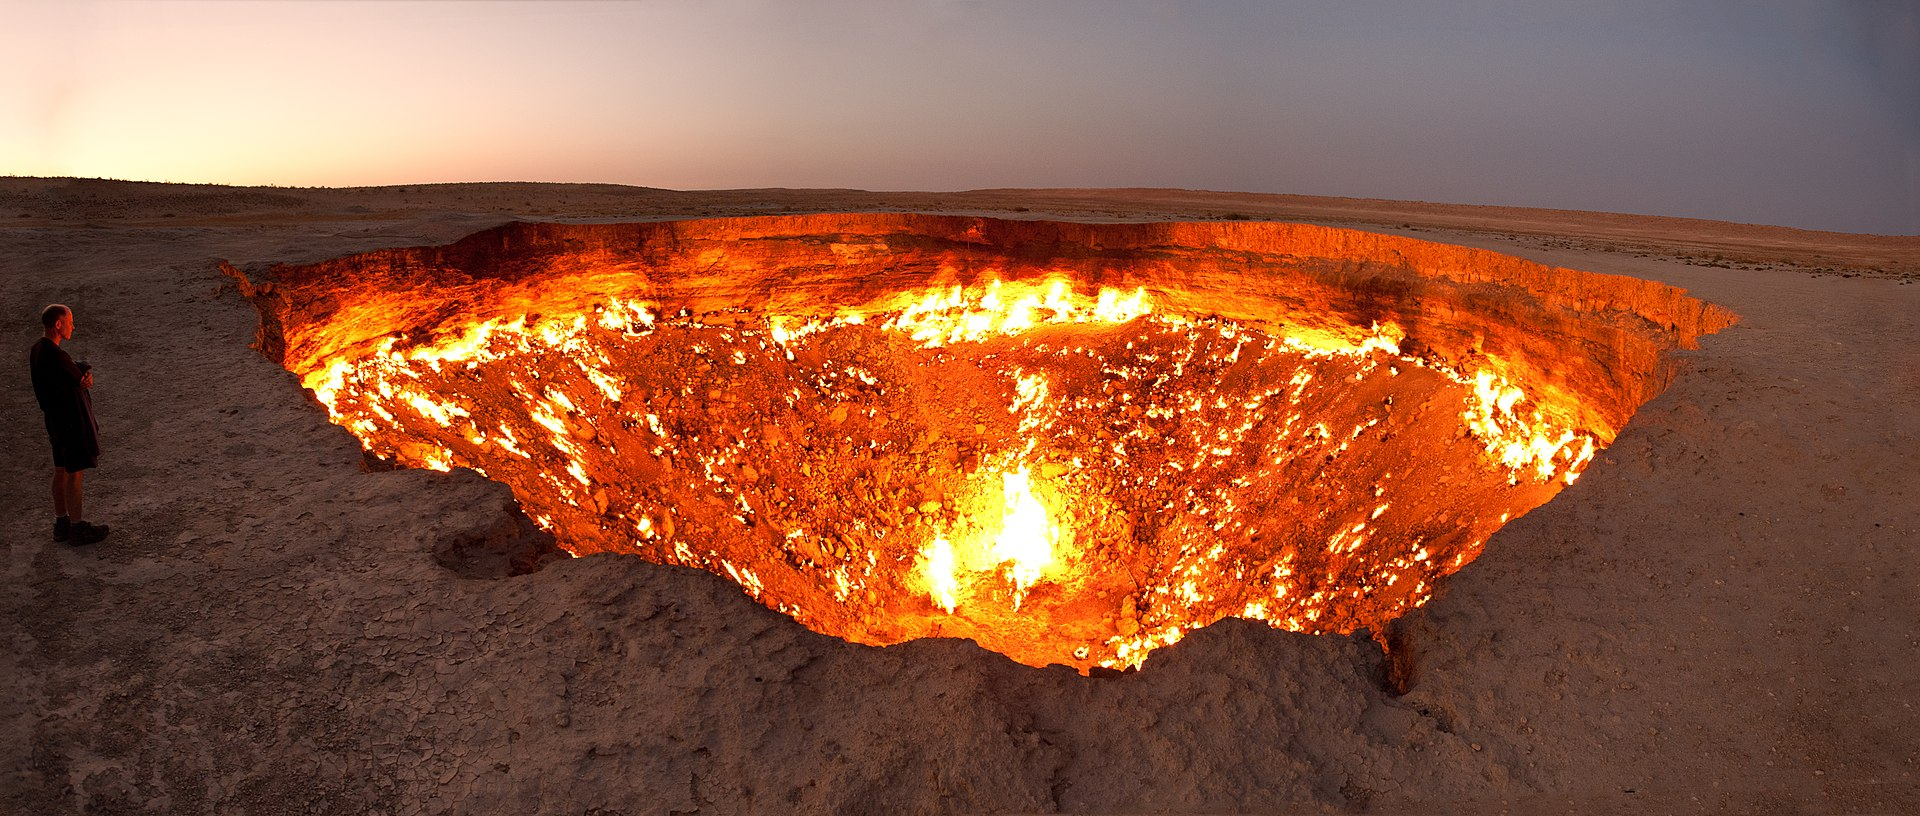 50 éve ég a derwezei gáz kráter